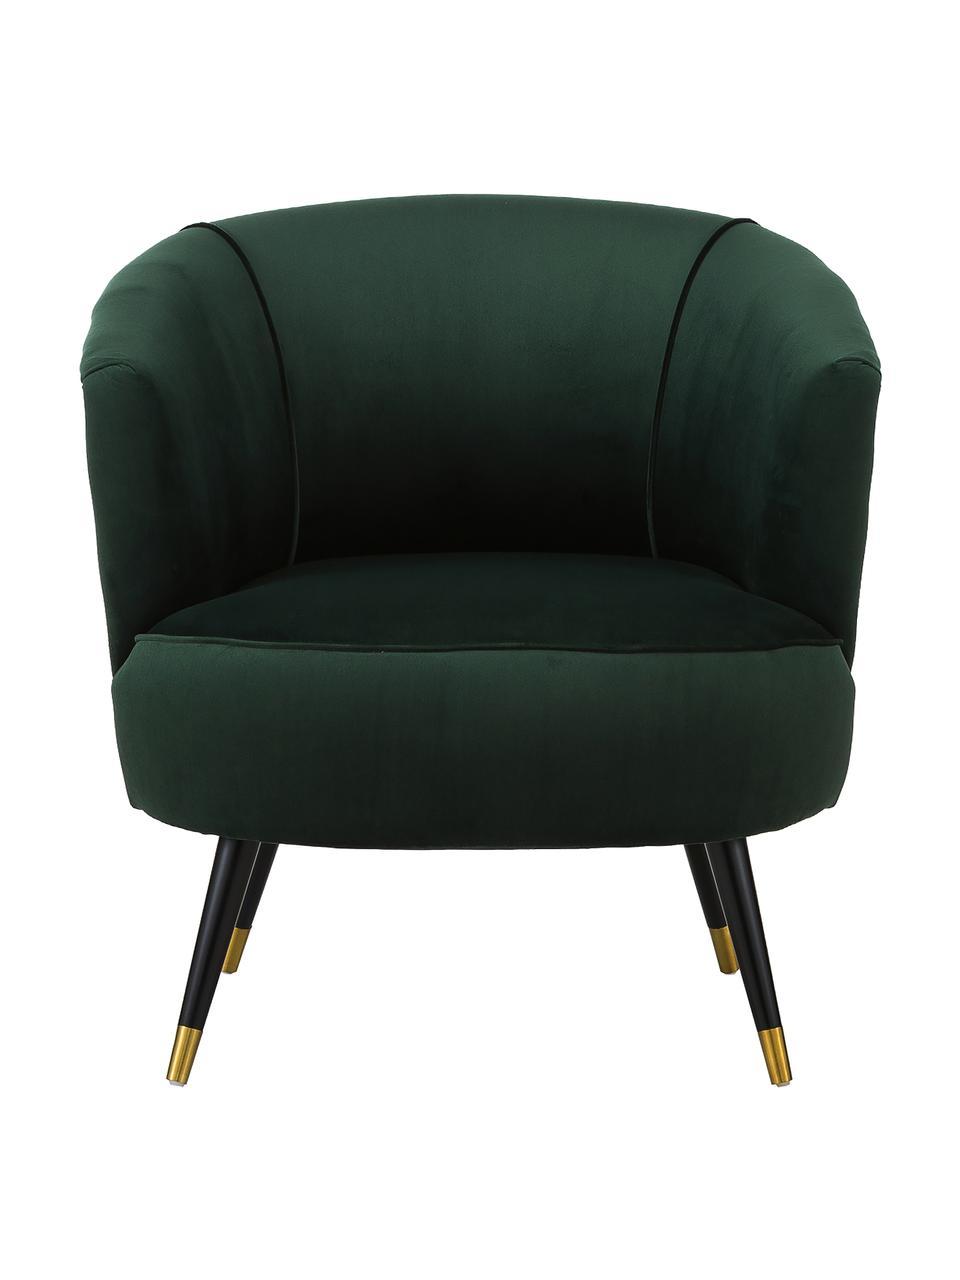 Fotel koktajlowy z aksamitu Ella, Tapicerka: aksamit (poliester) Dzięk, Nogi: metal lakierowany, Aksamitny ciemny zielony, S 74 x G 78 cm